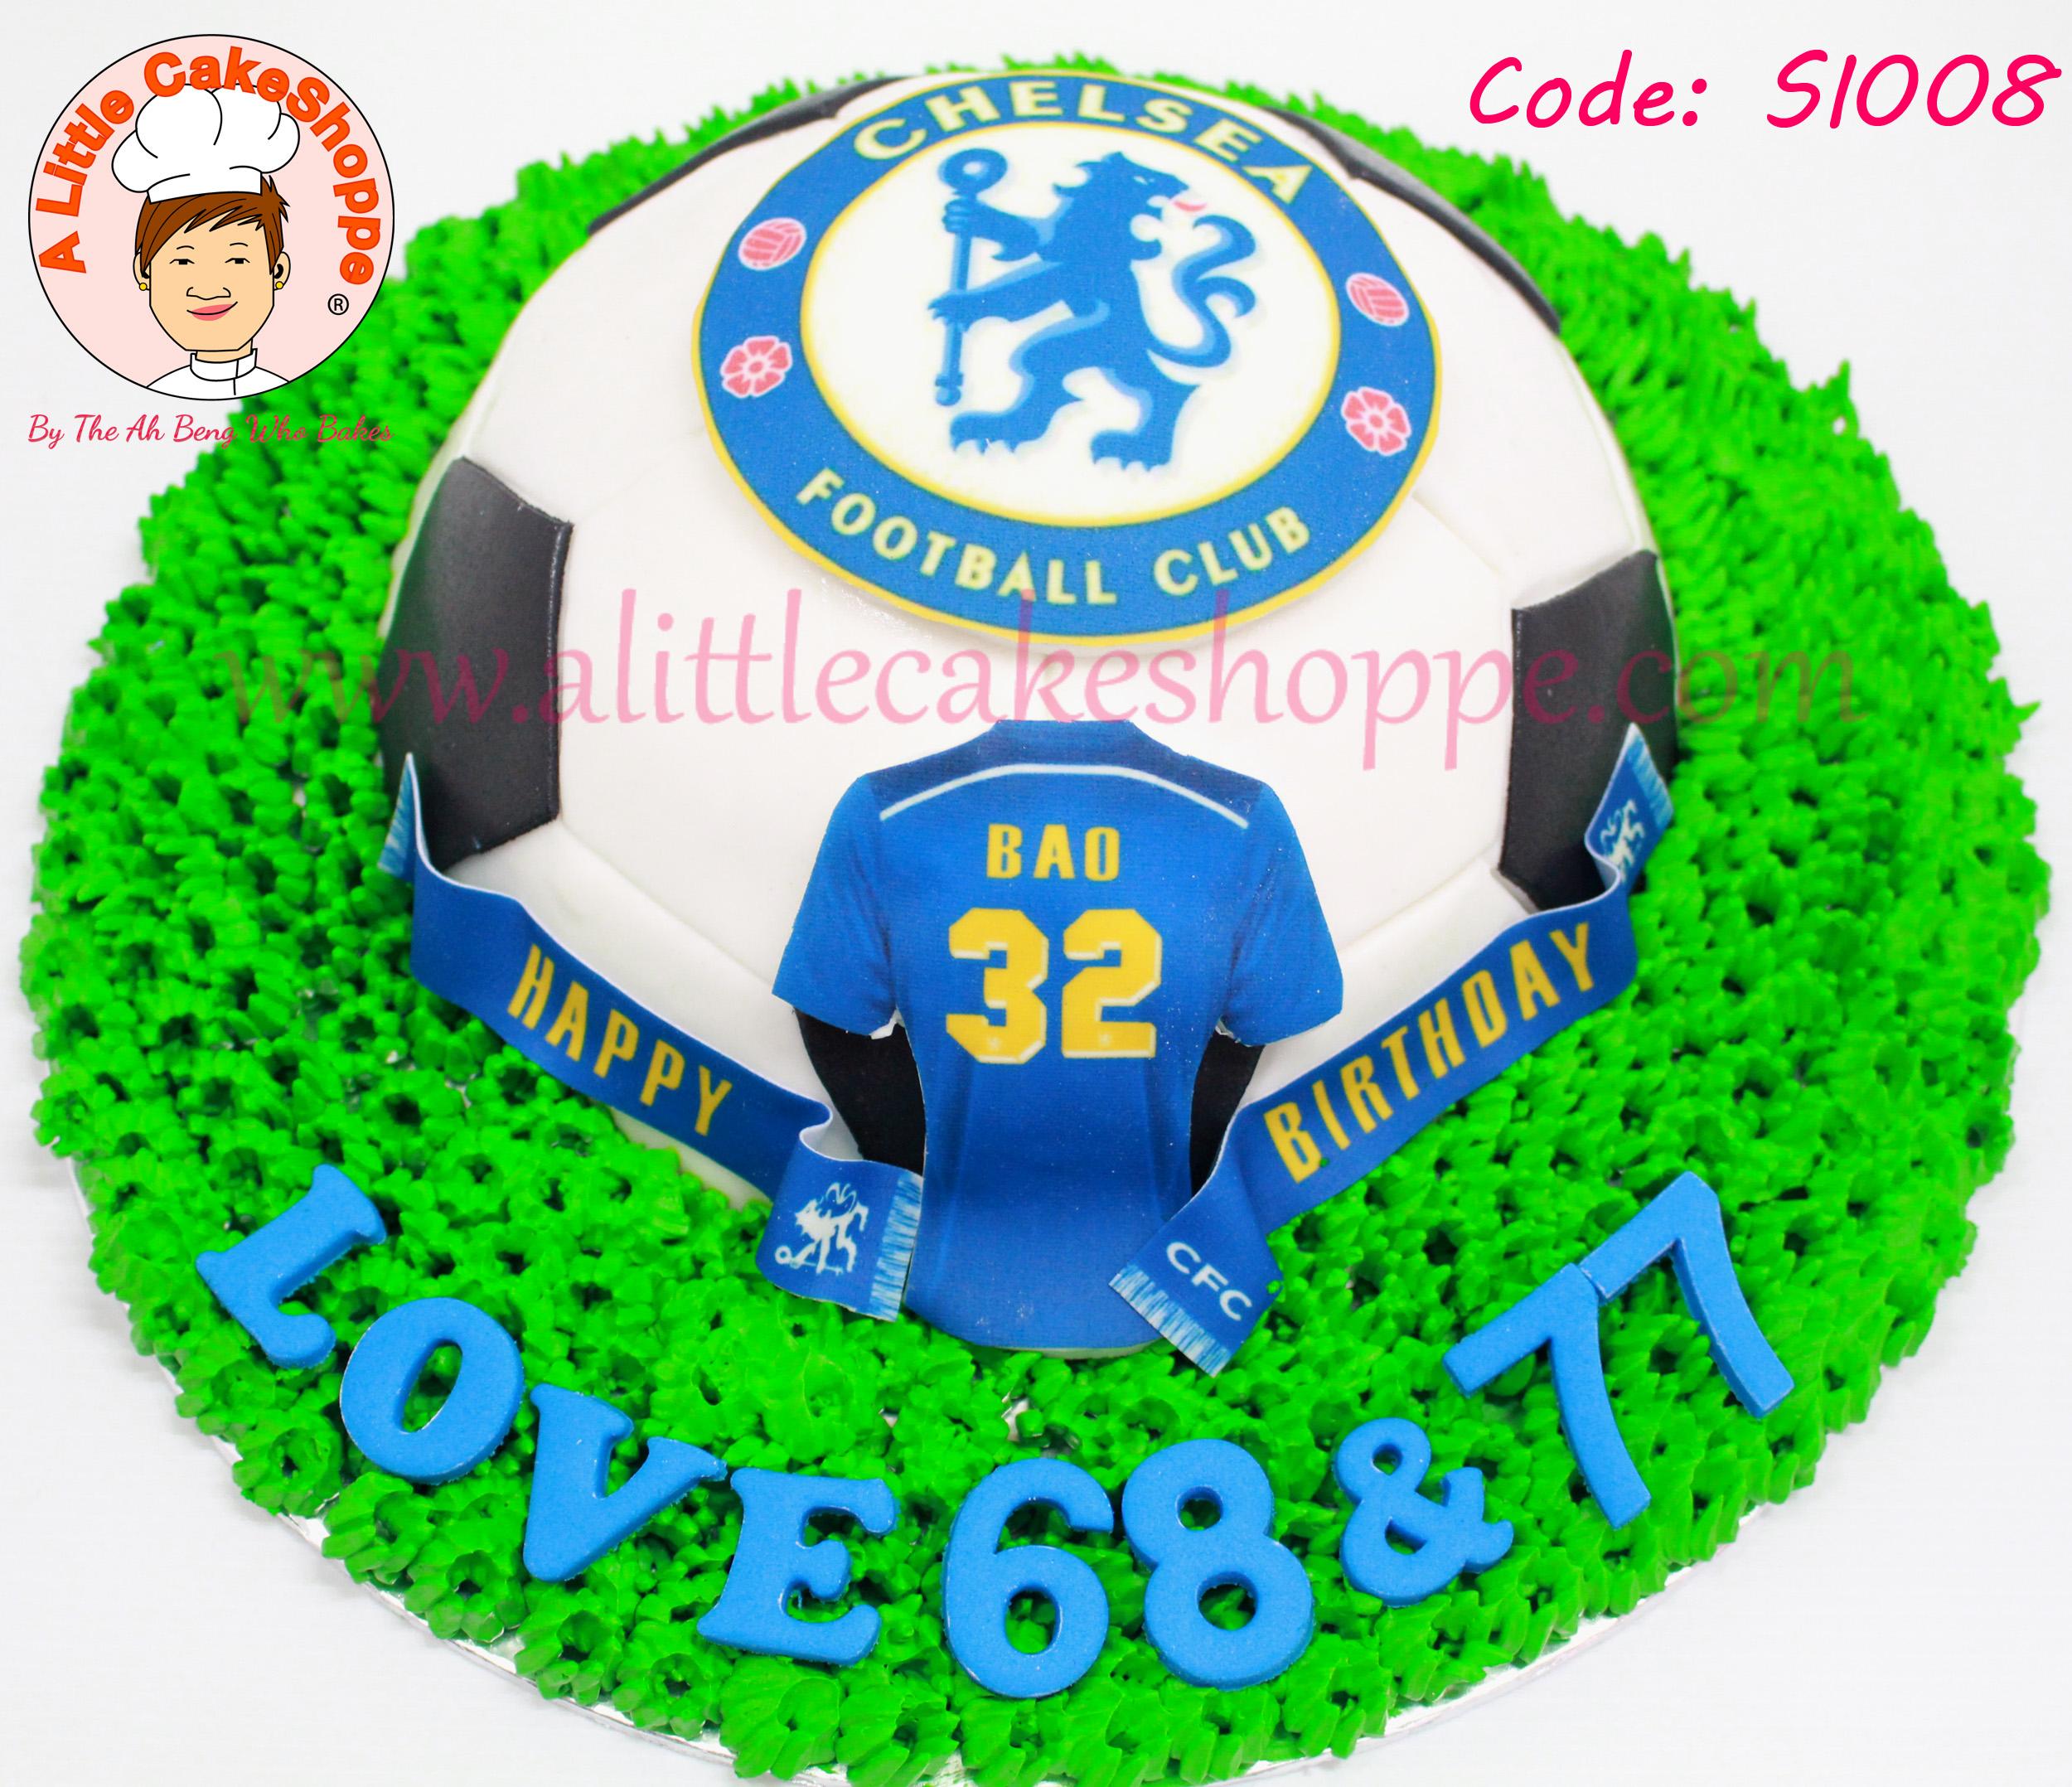 Code: SI008